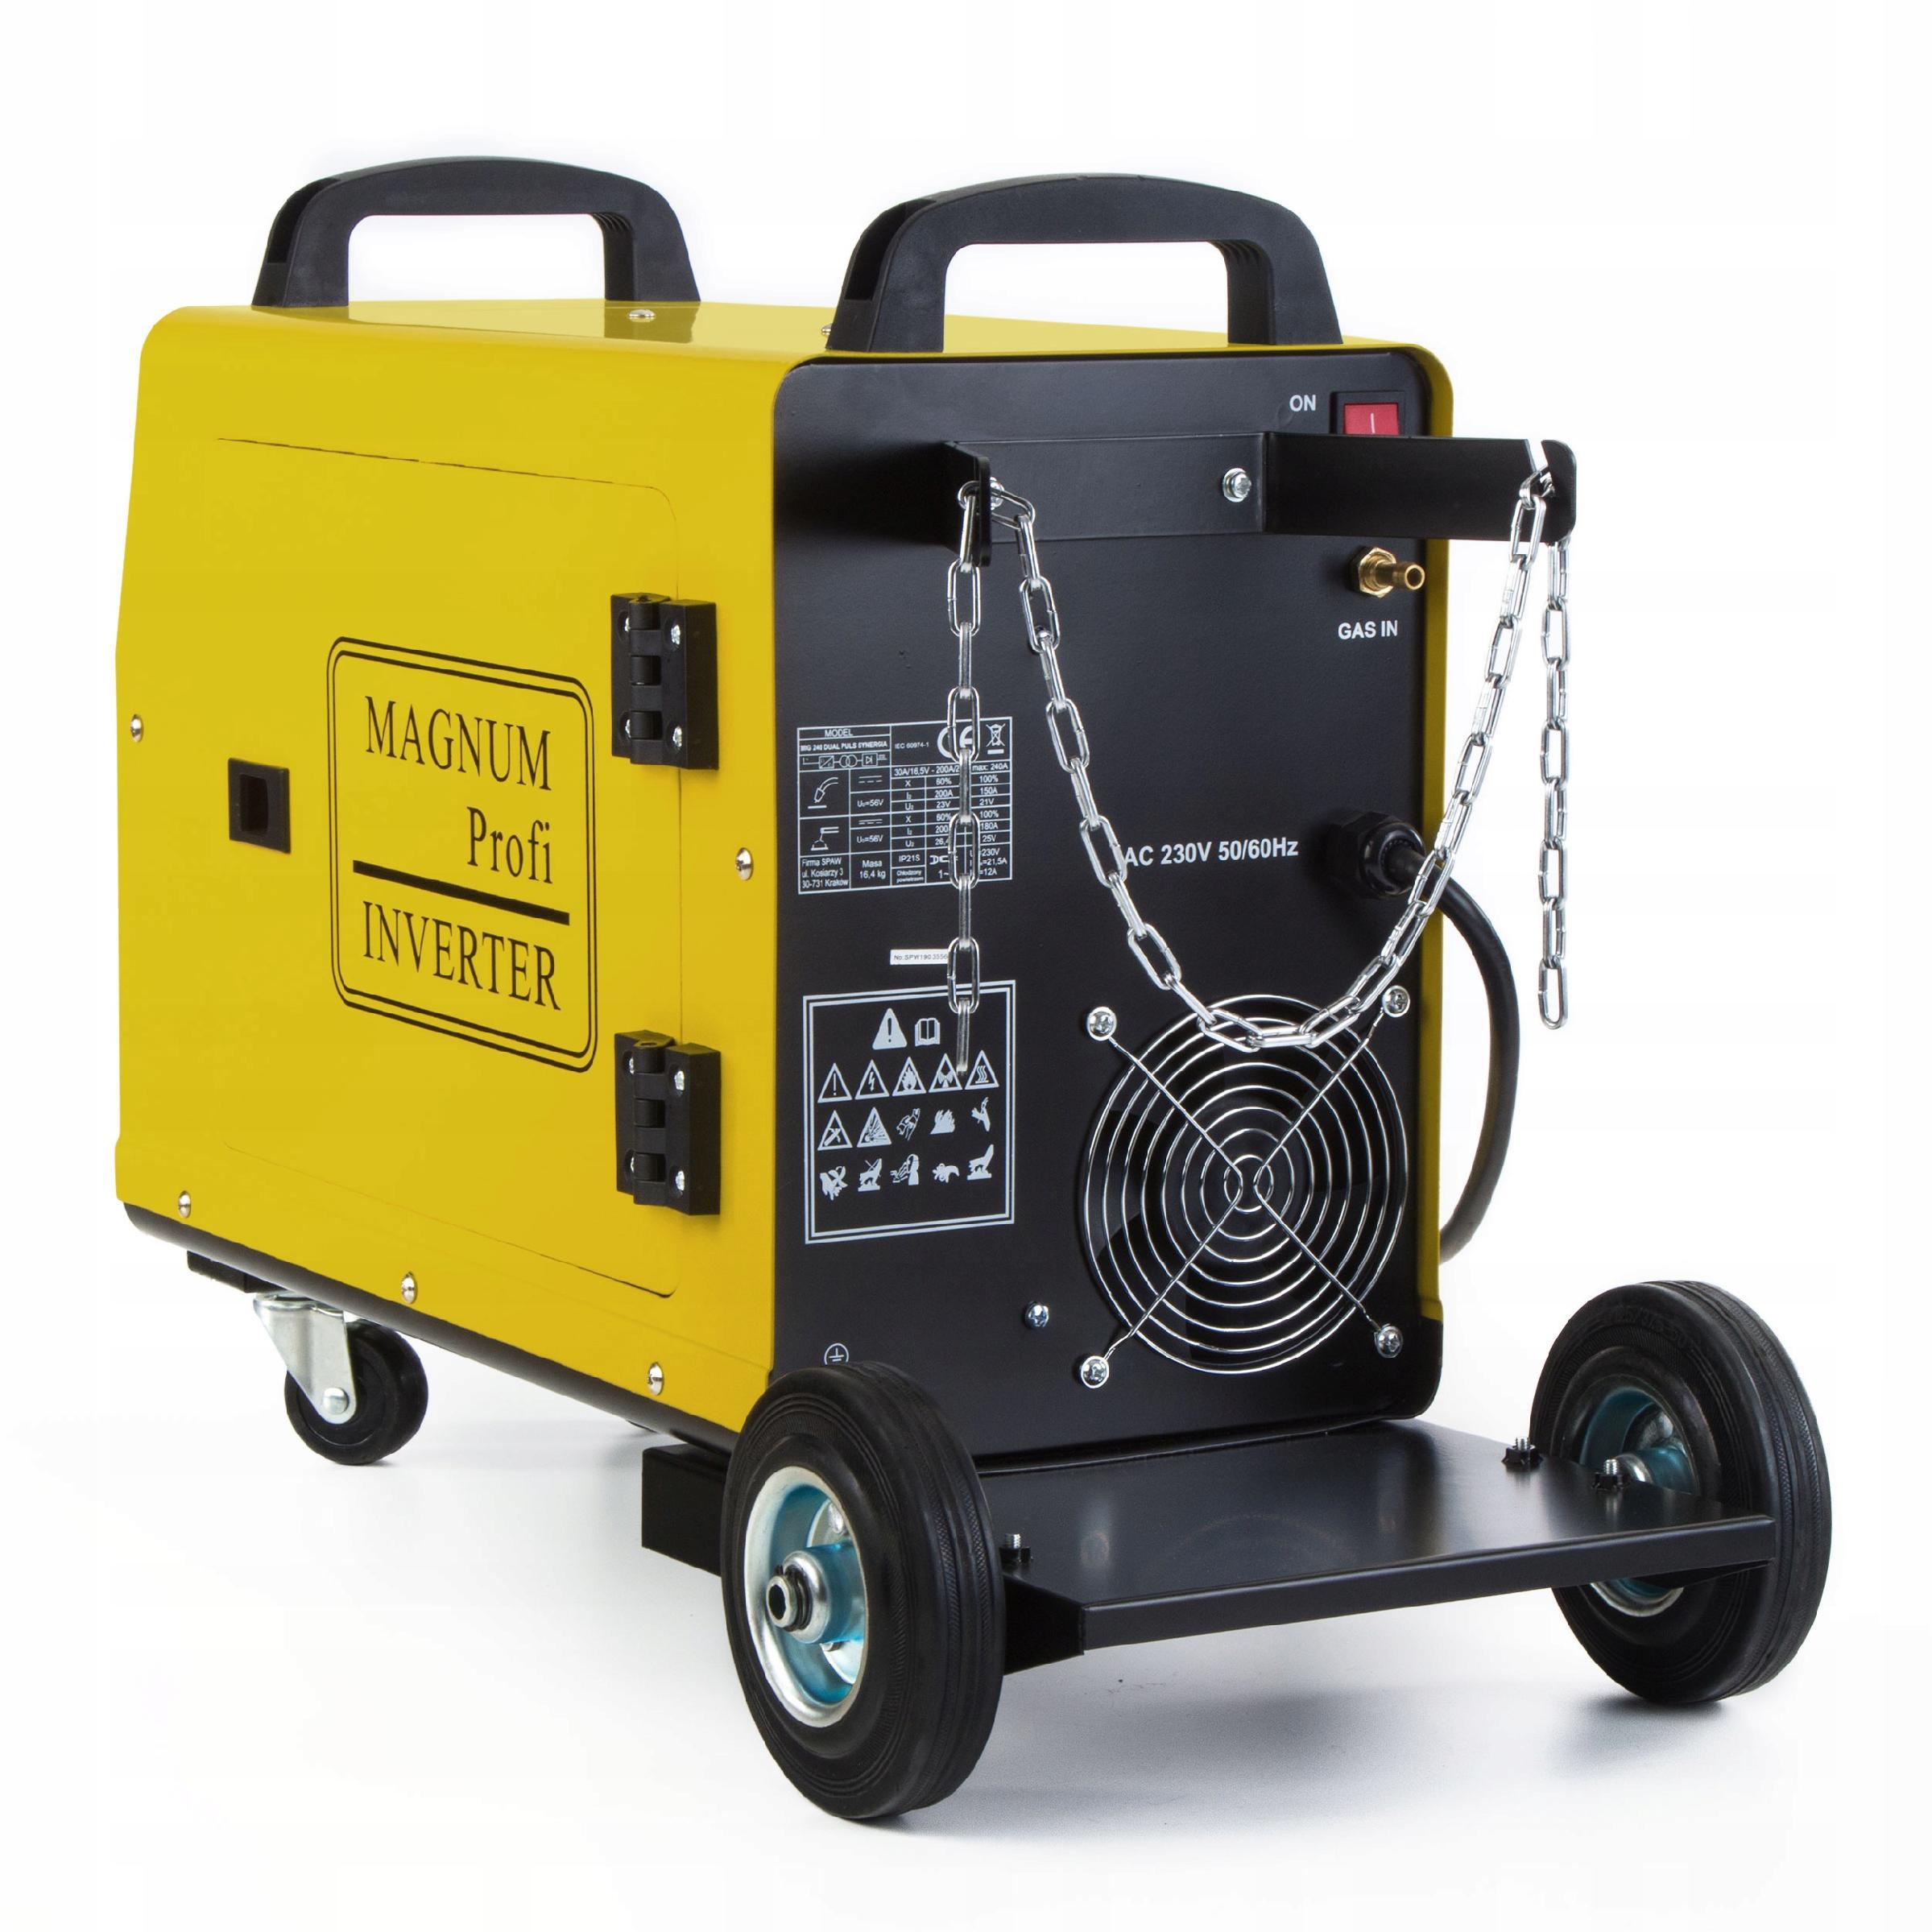 Spawarka MIGOMAT MAGNUM MIG MAG 240 PULS SYNERGIA Cechy dodatkowe koła transportowe płynna regulacja prądu spawania uchwyt EURO wyświetlacz LCD